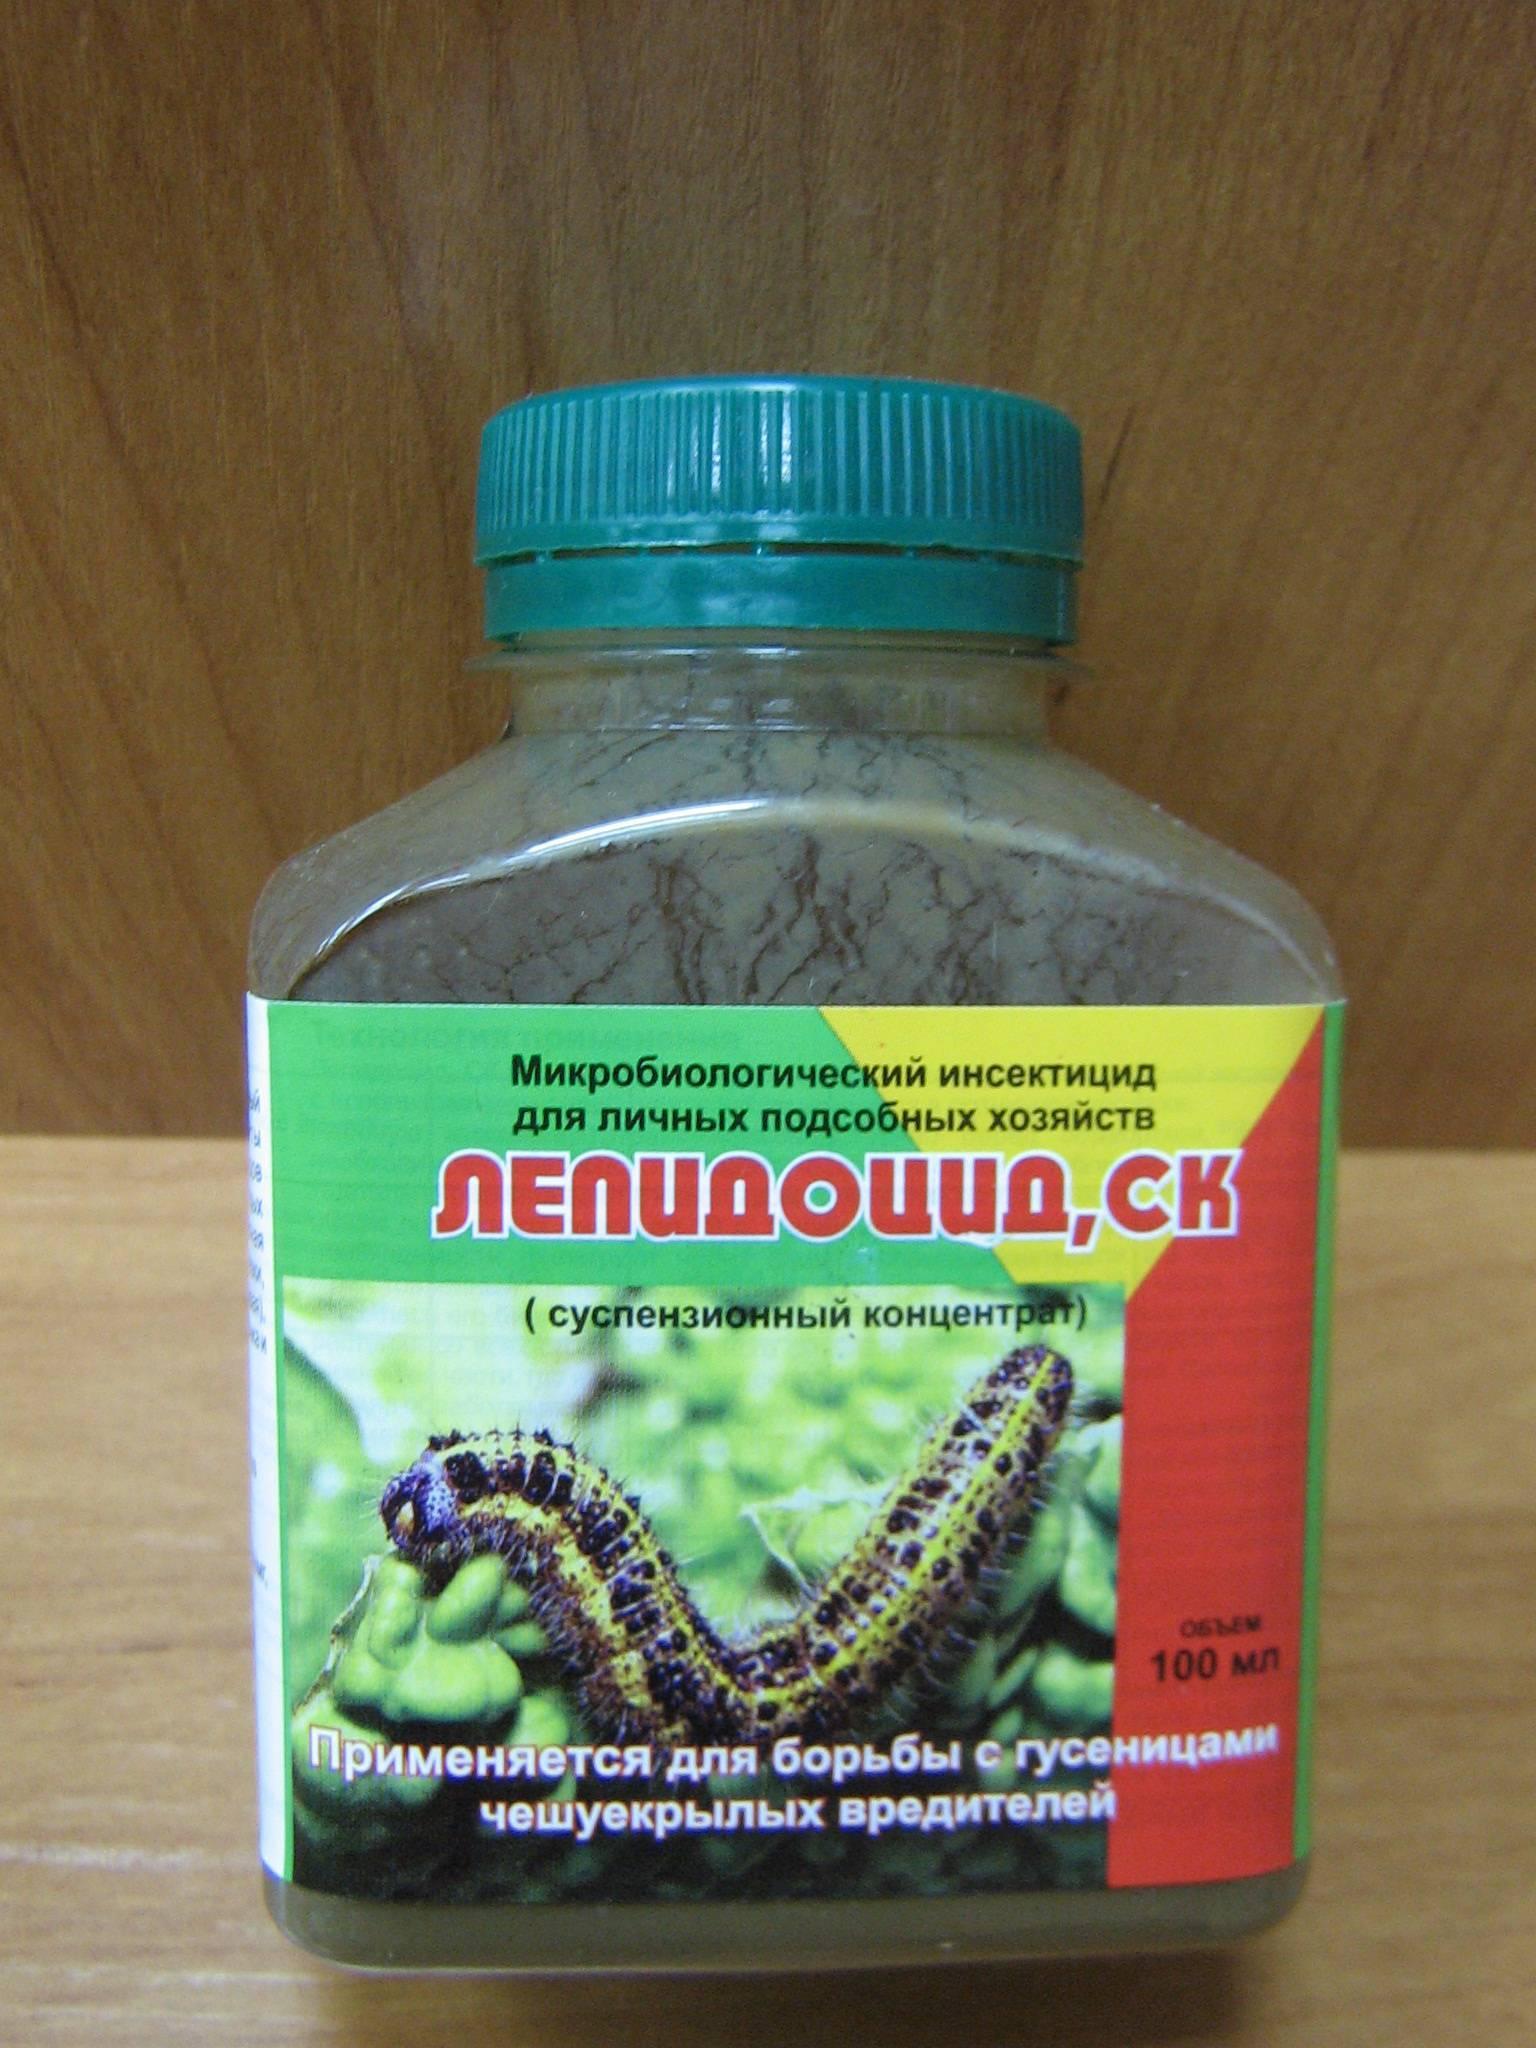 Как избавиться от гусениц? применение народных и химических средств на ydoo.info